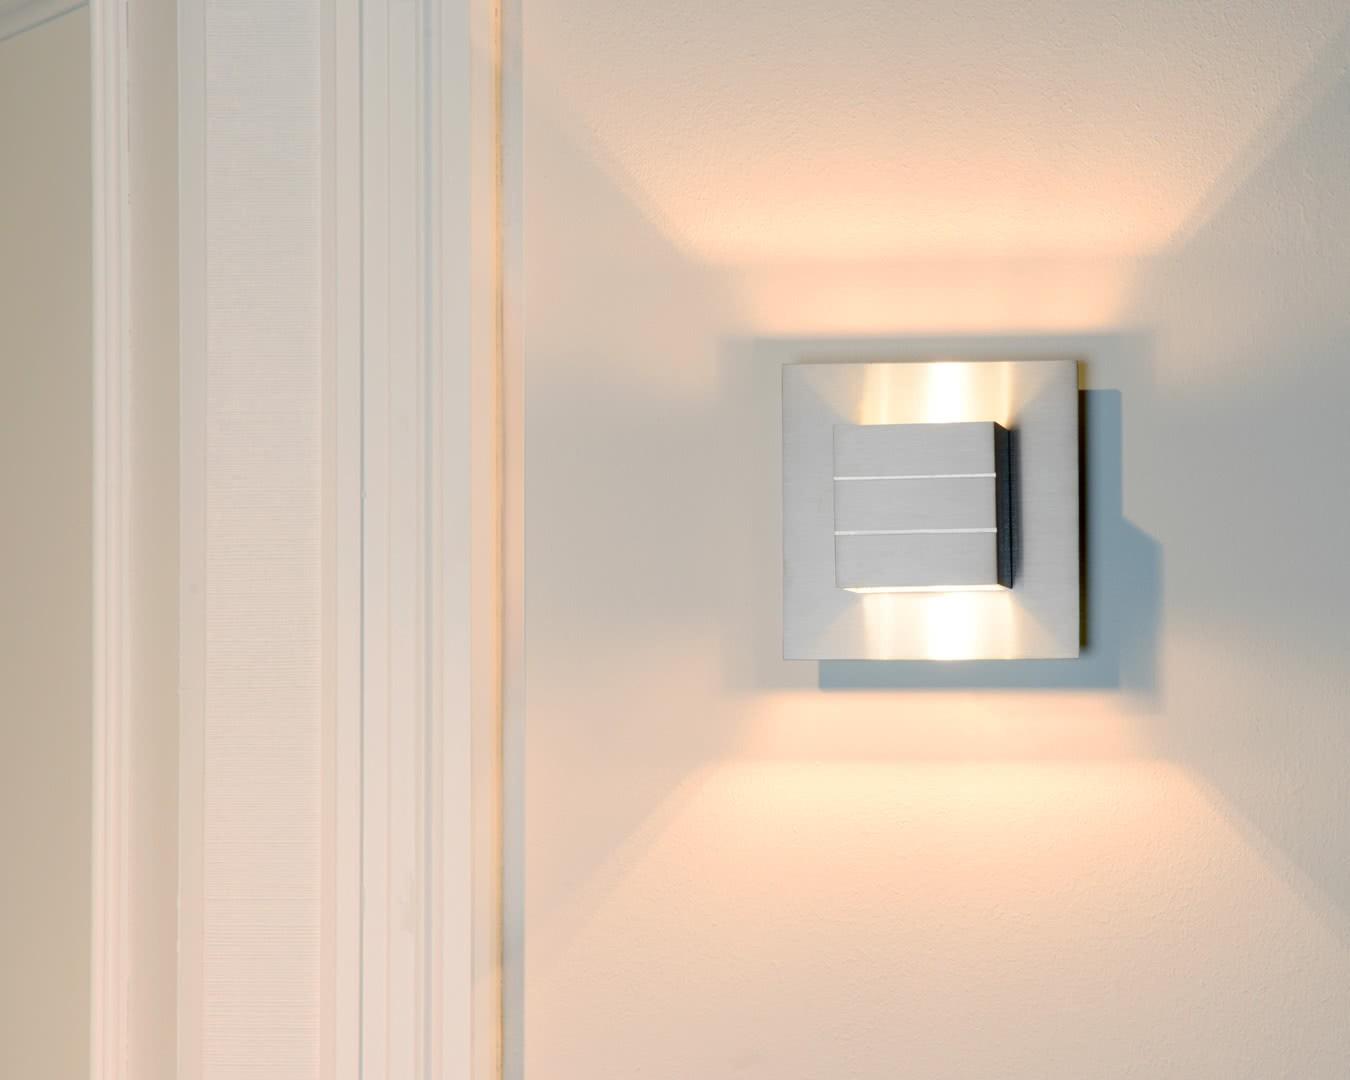 Applique contemporaine cube en aluminium chrome lea